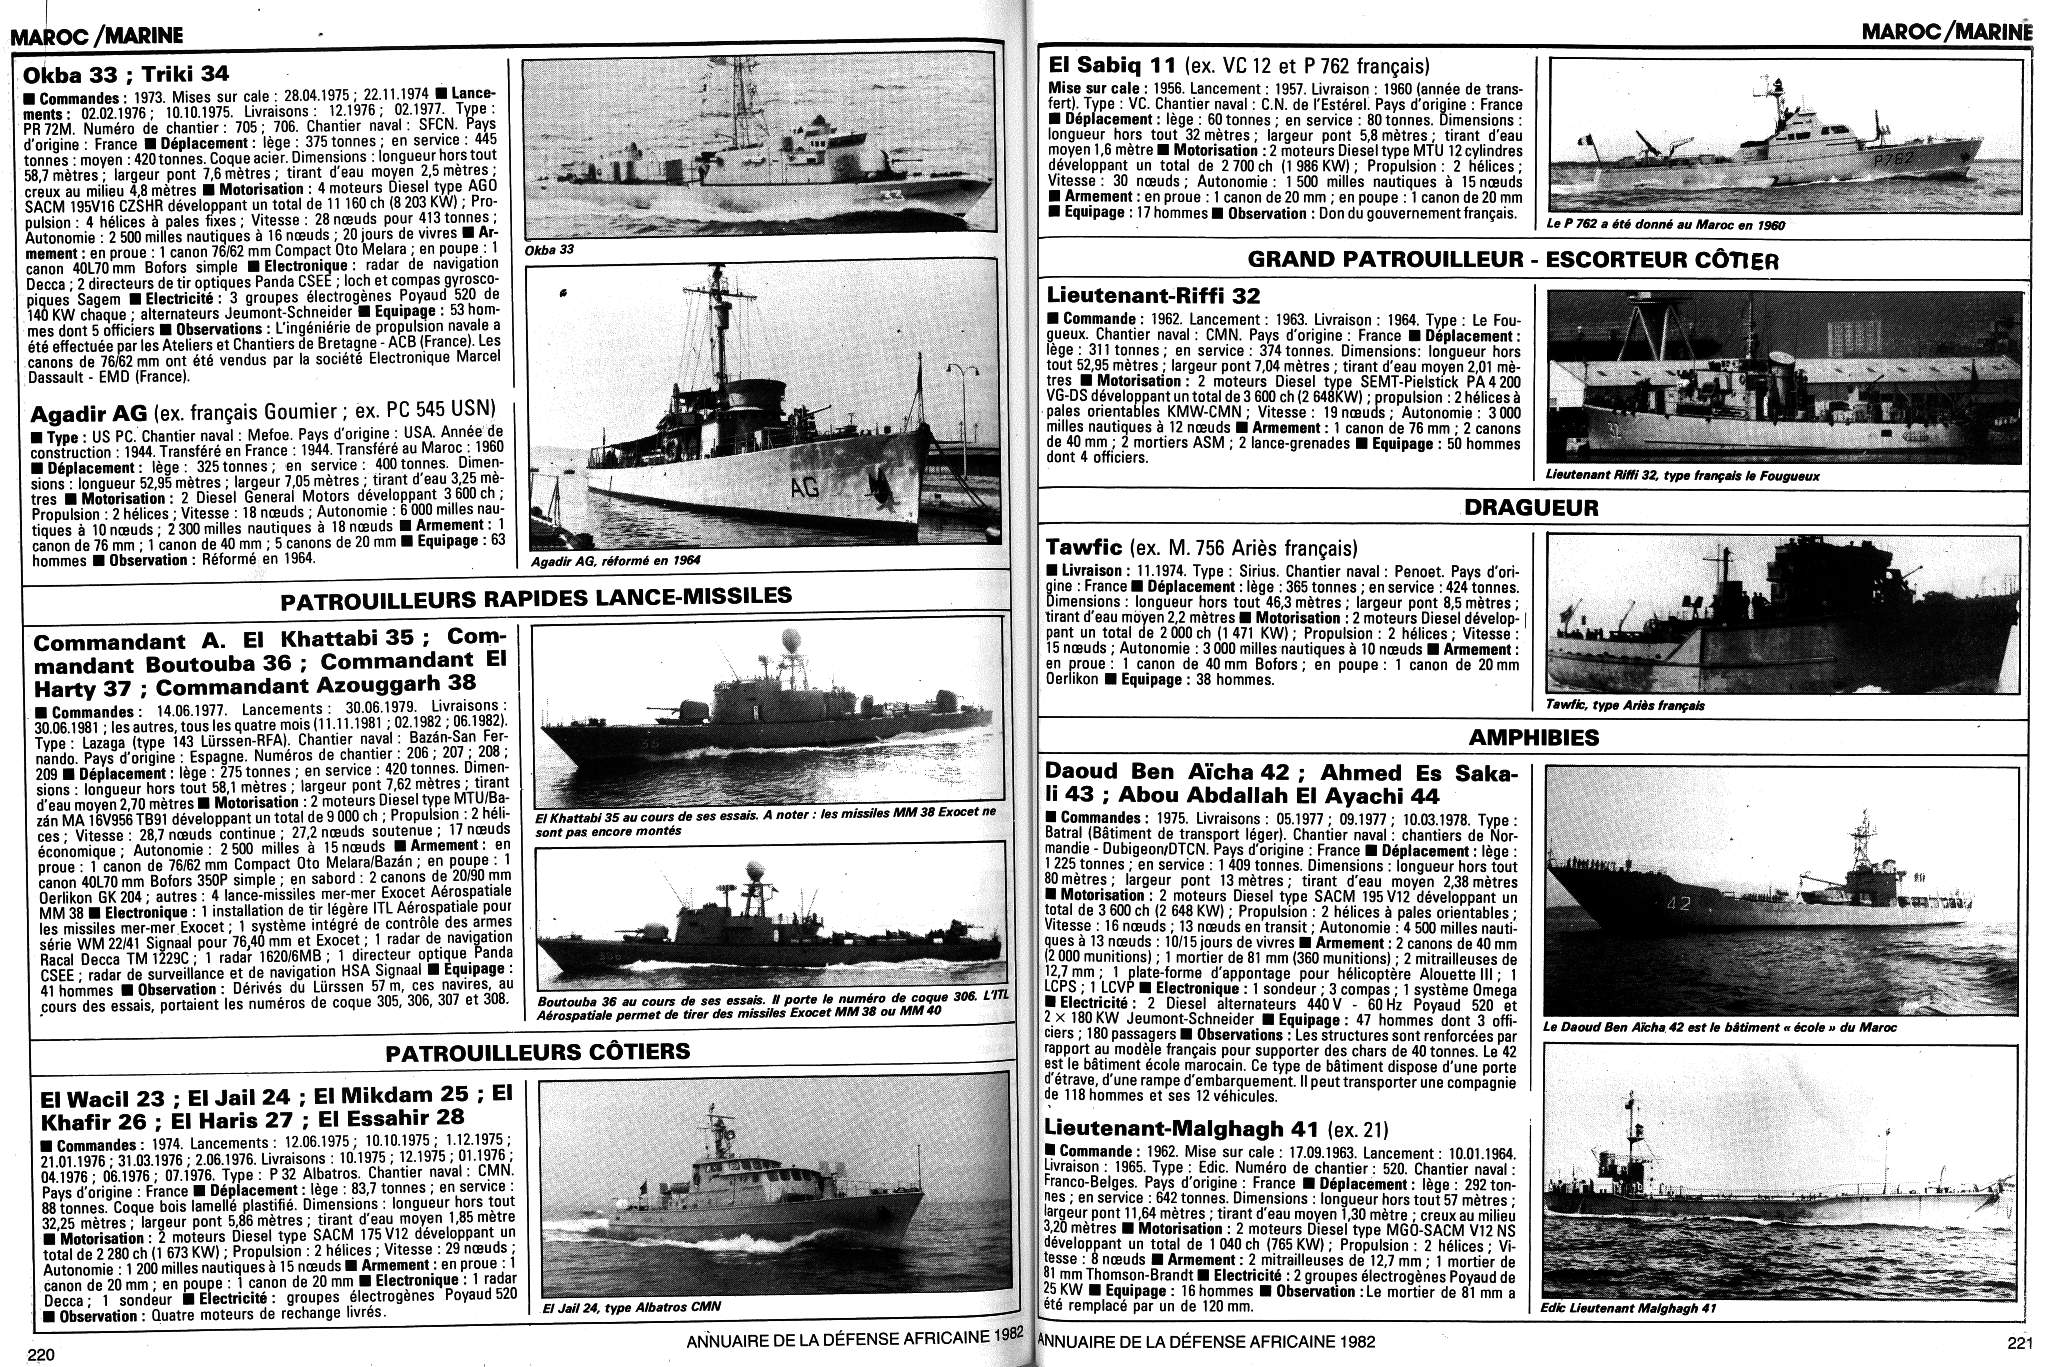 Articles à propos de la Marine Royale Marocaine Clipb503